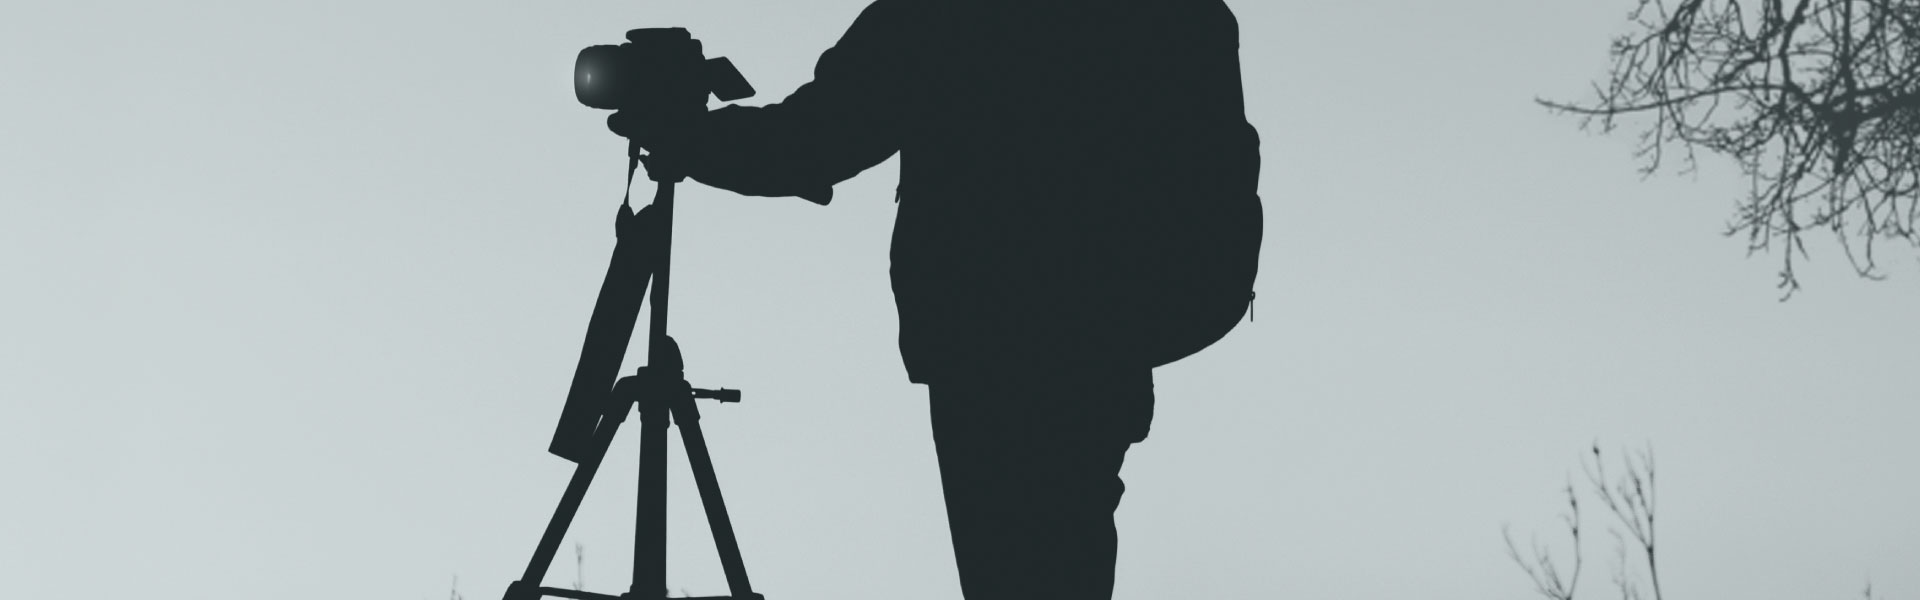 cavalletto-macchina-fotografica